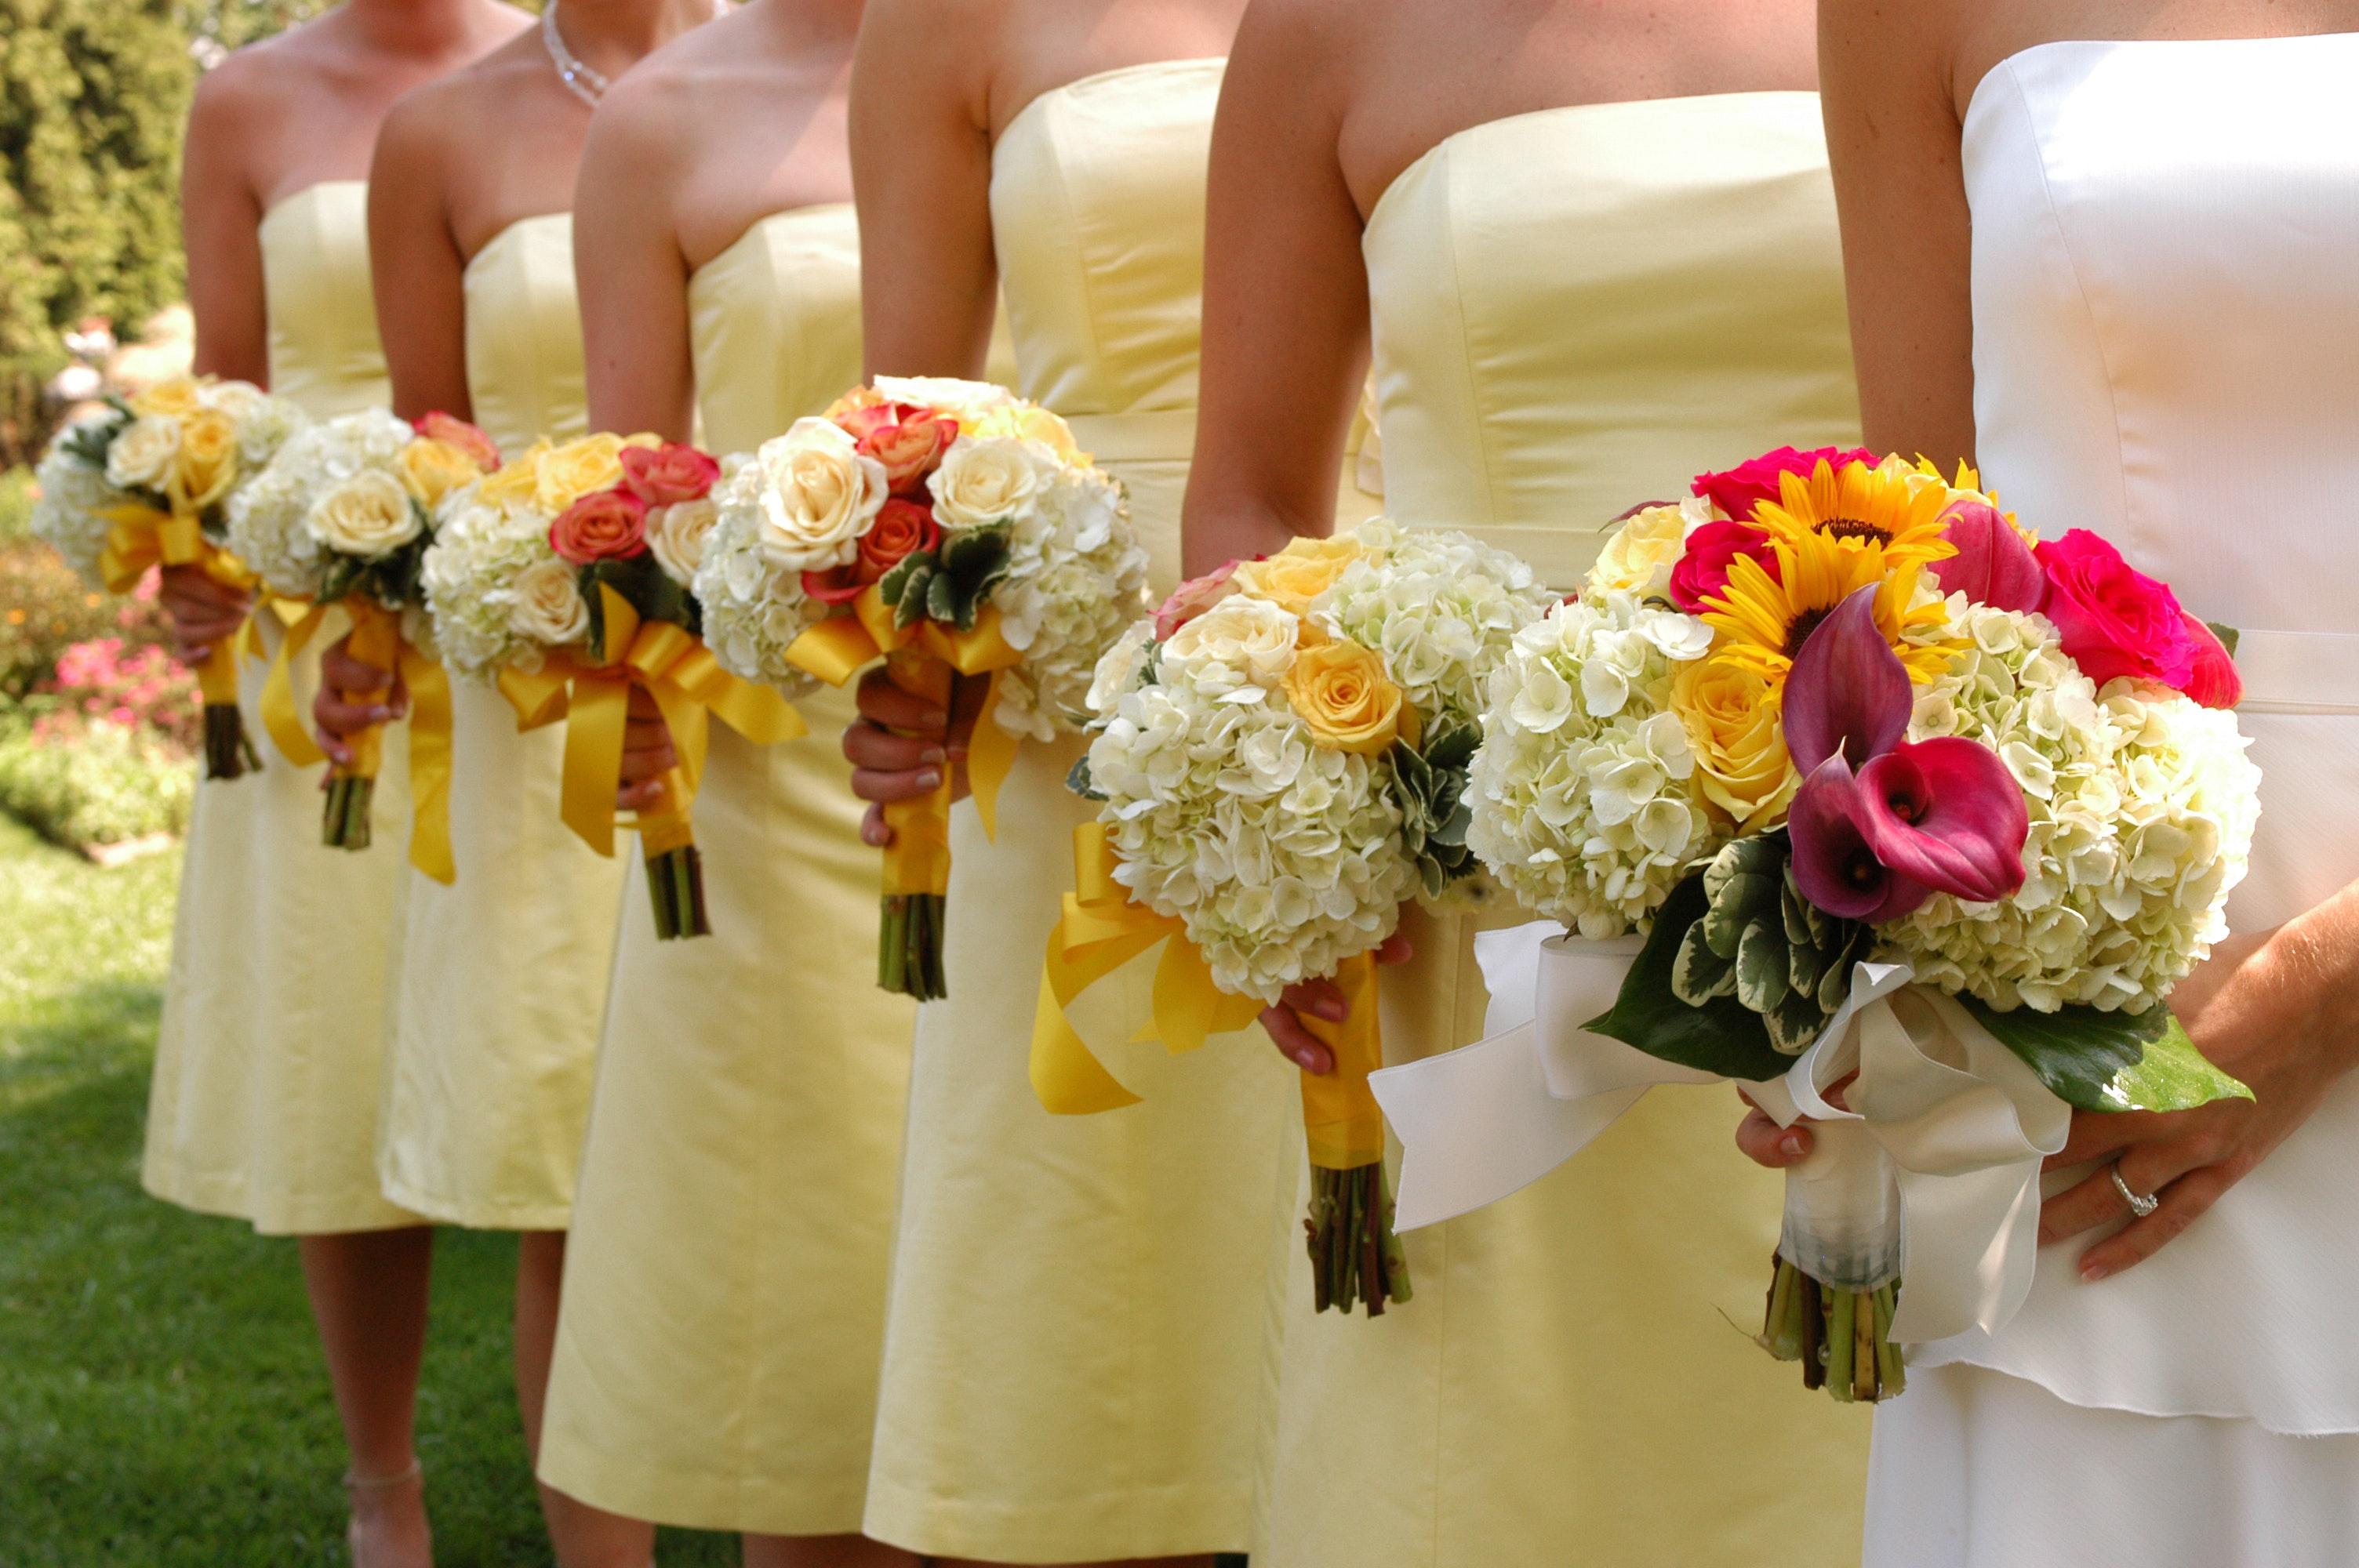 Festliche Kleider zur Hochzeit